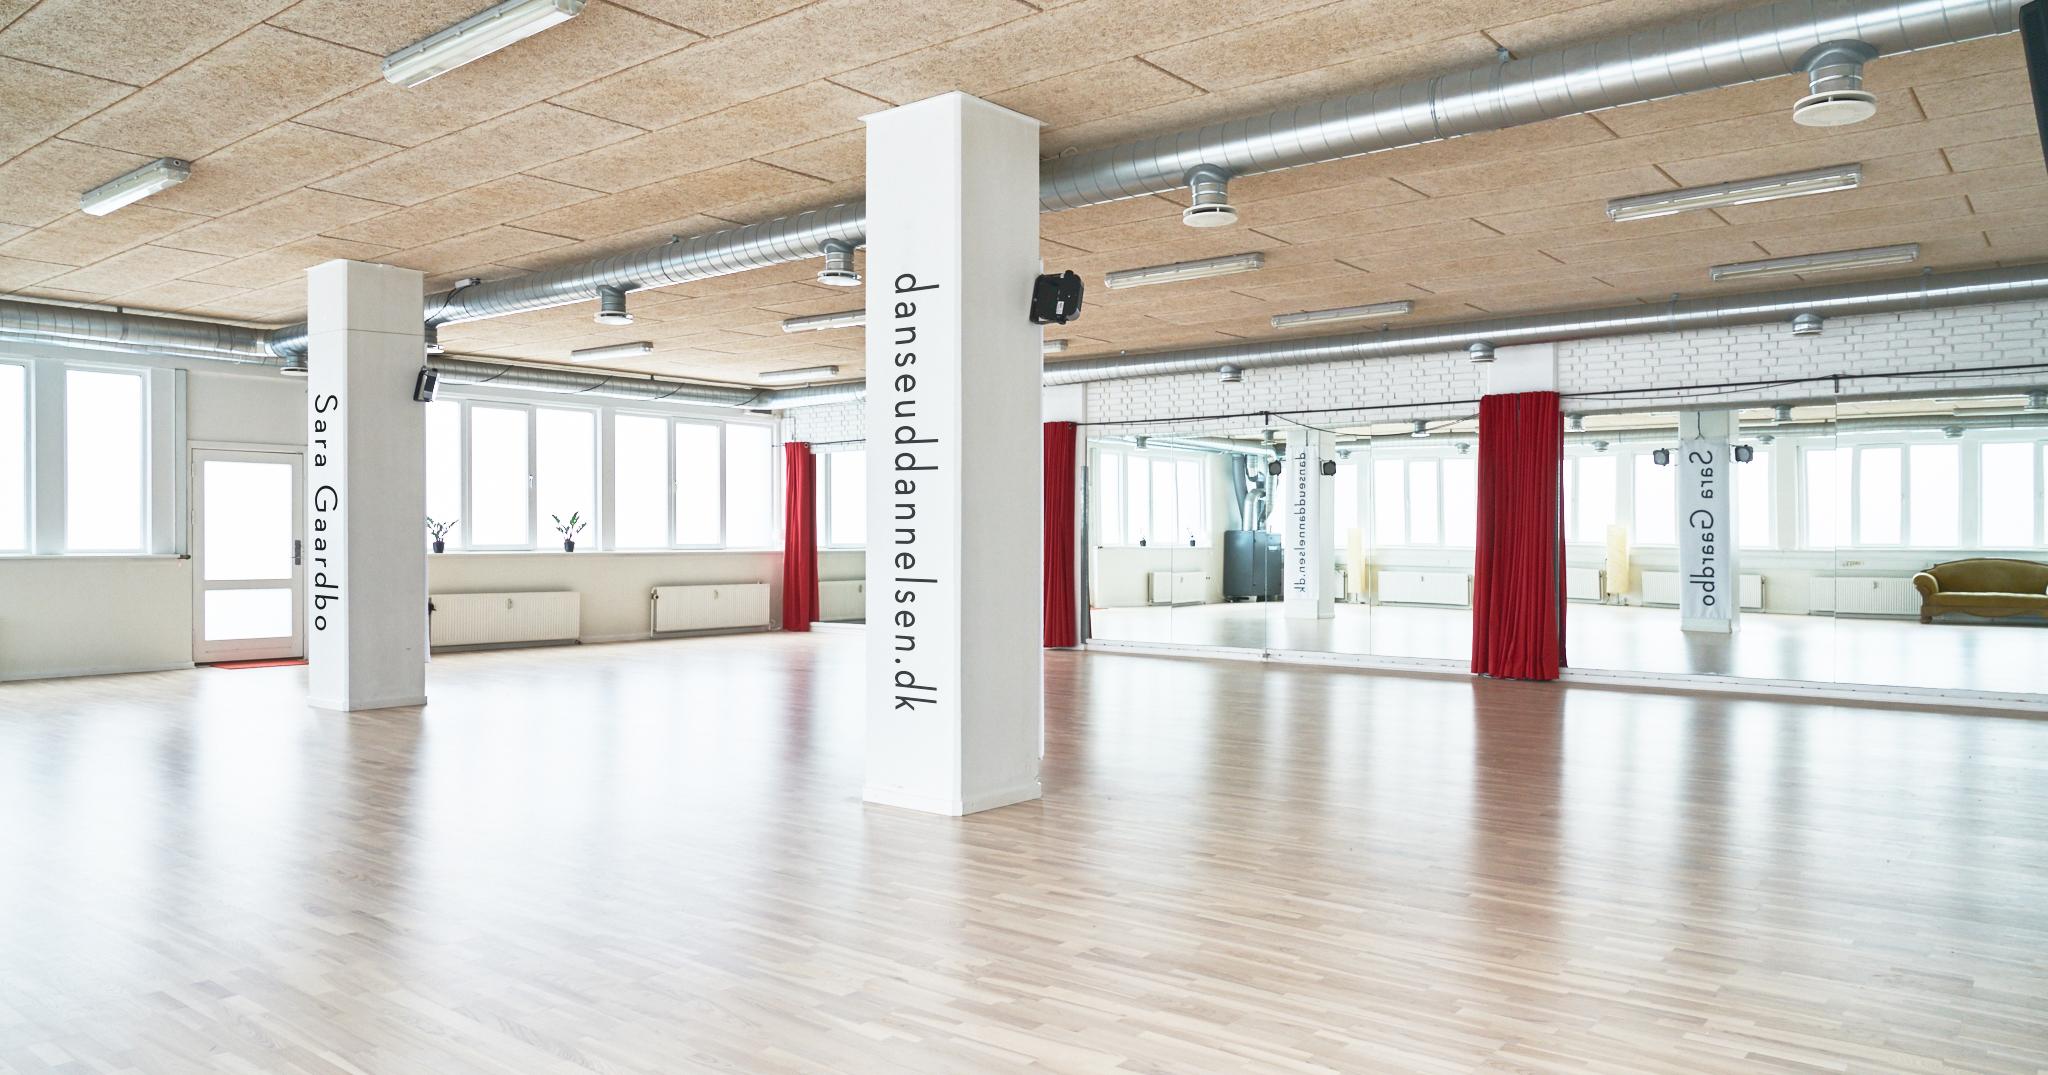 Det store lokale er på 190 m2 med ventilation og accustisk dæmpning I loftet.